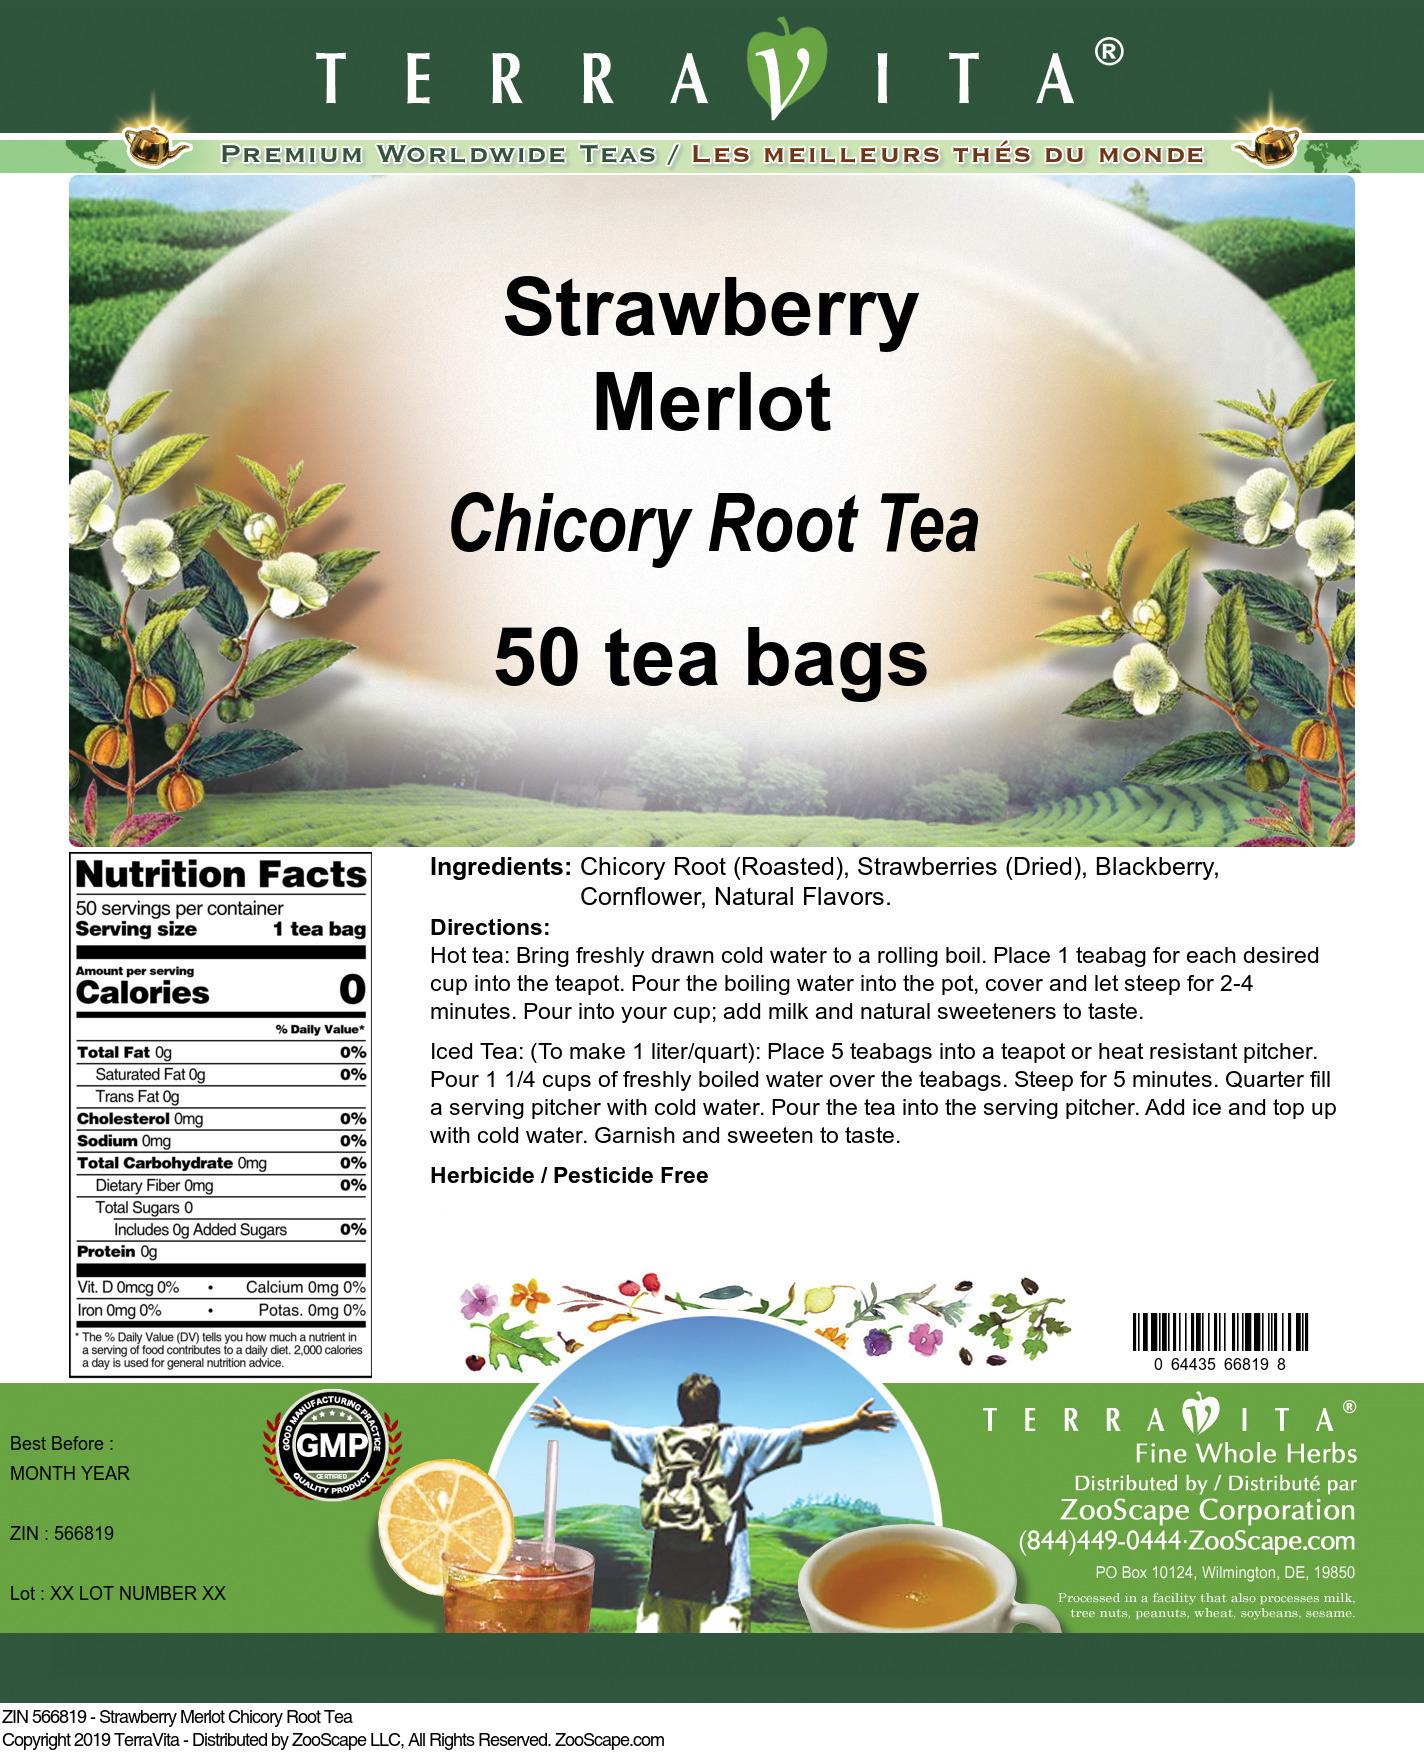 Strawberry Merlot Chicory Root